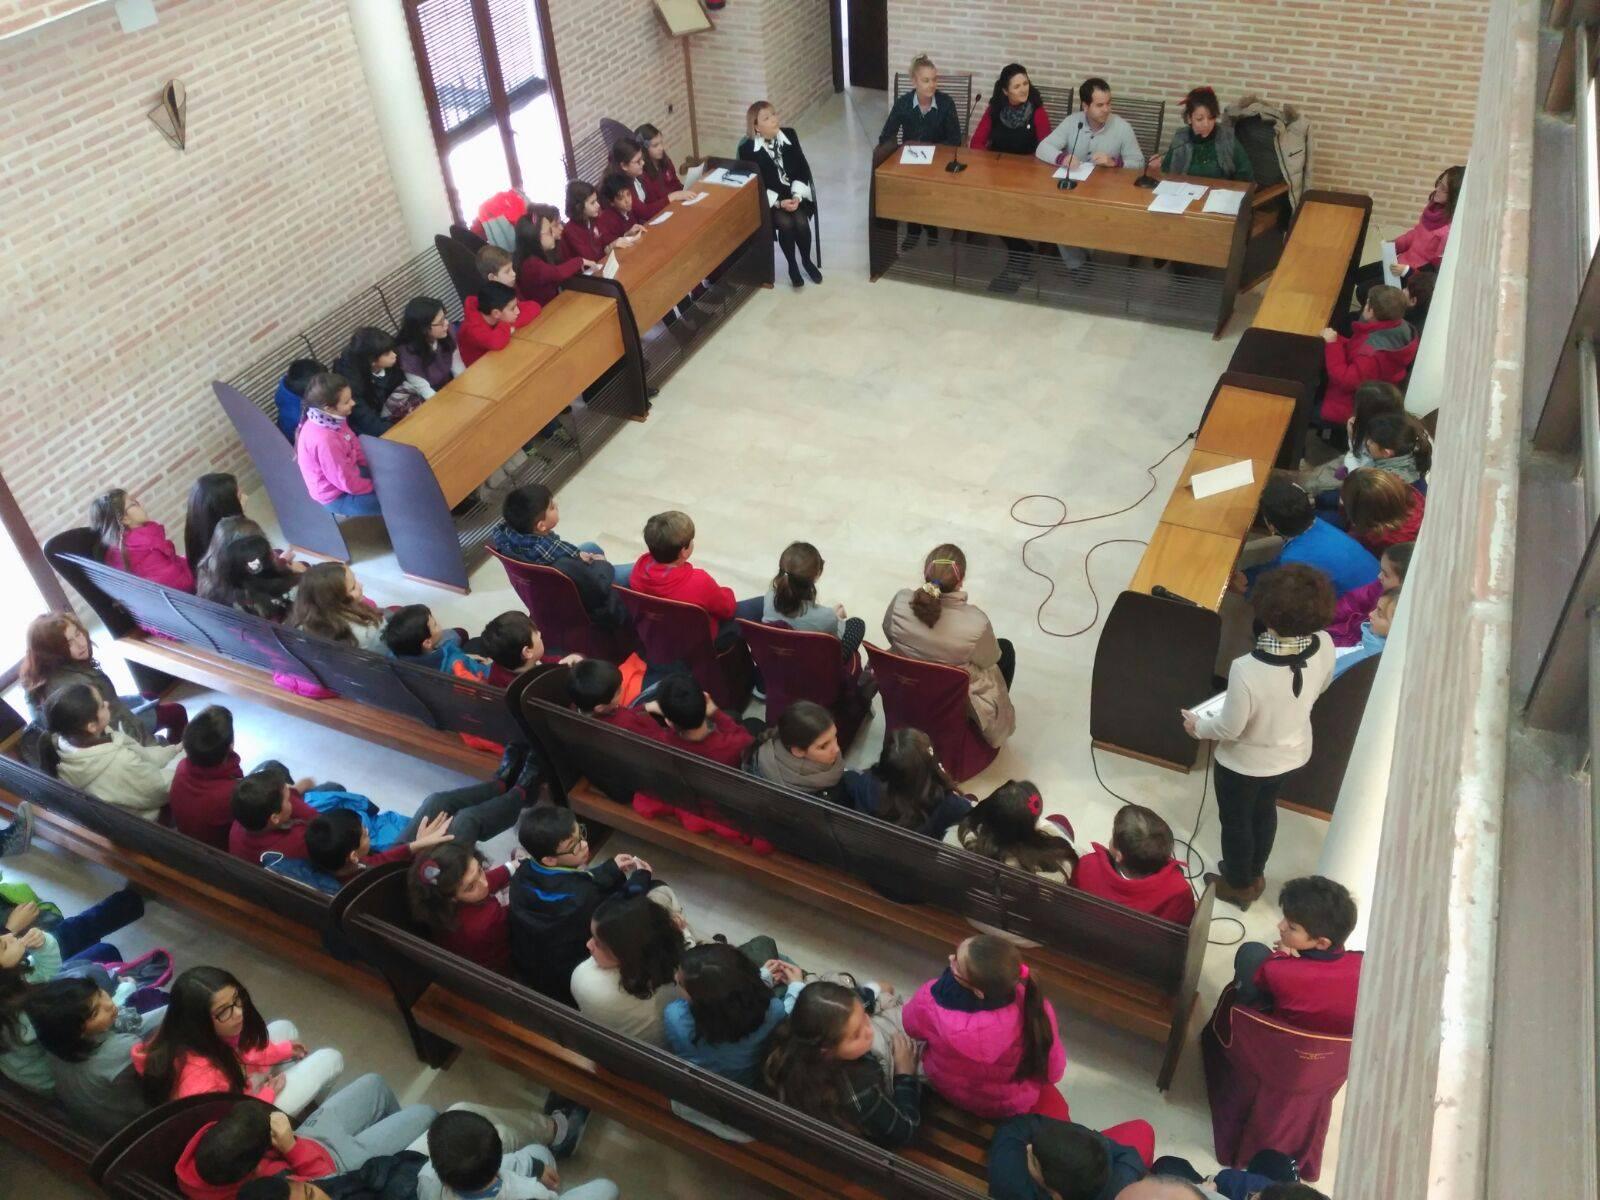 pleno escolar 2015 en herencia 6 - Celebrado el tradicional pleno escolar con motivo del Día de la Constitución